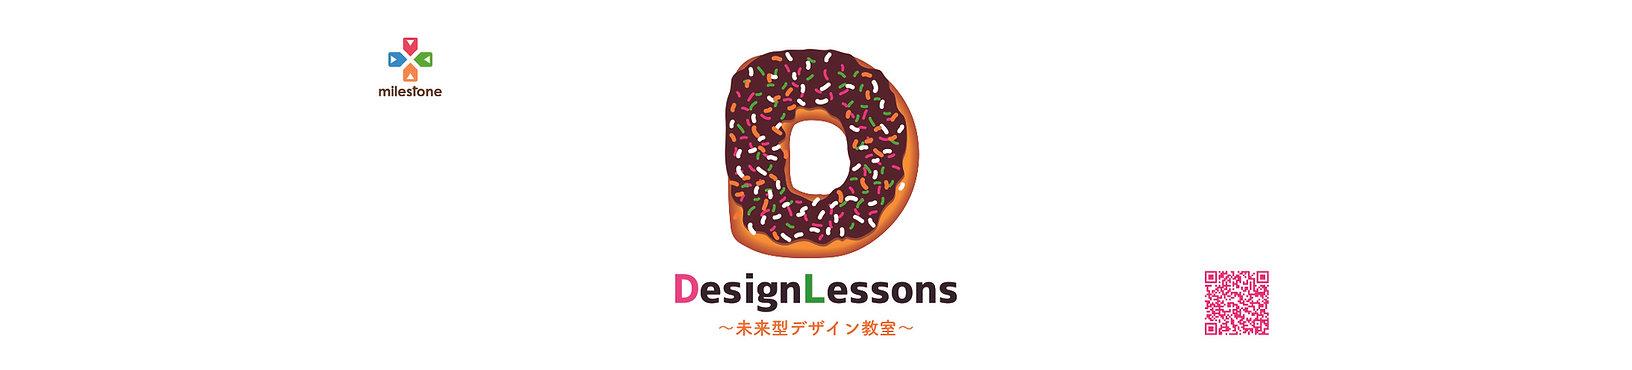 デザイン教室広告.jpg